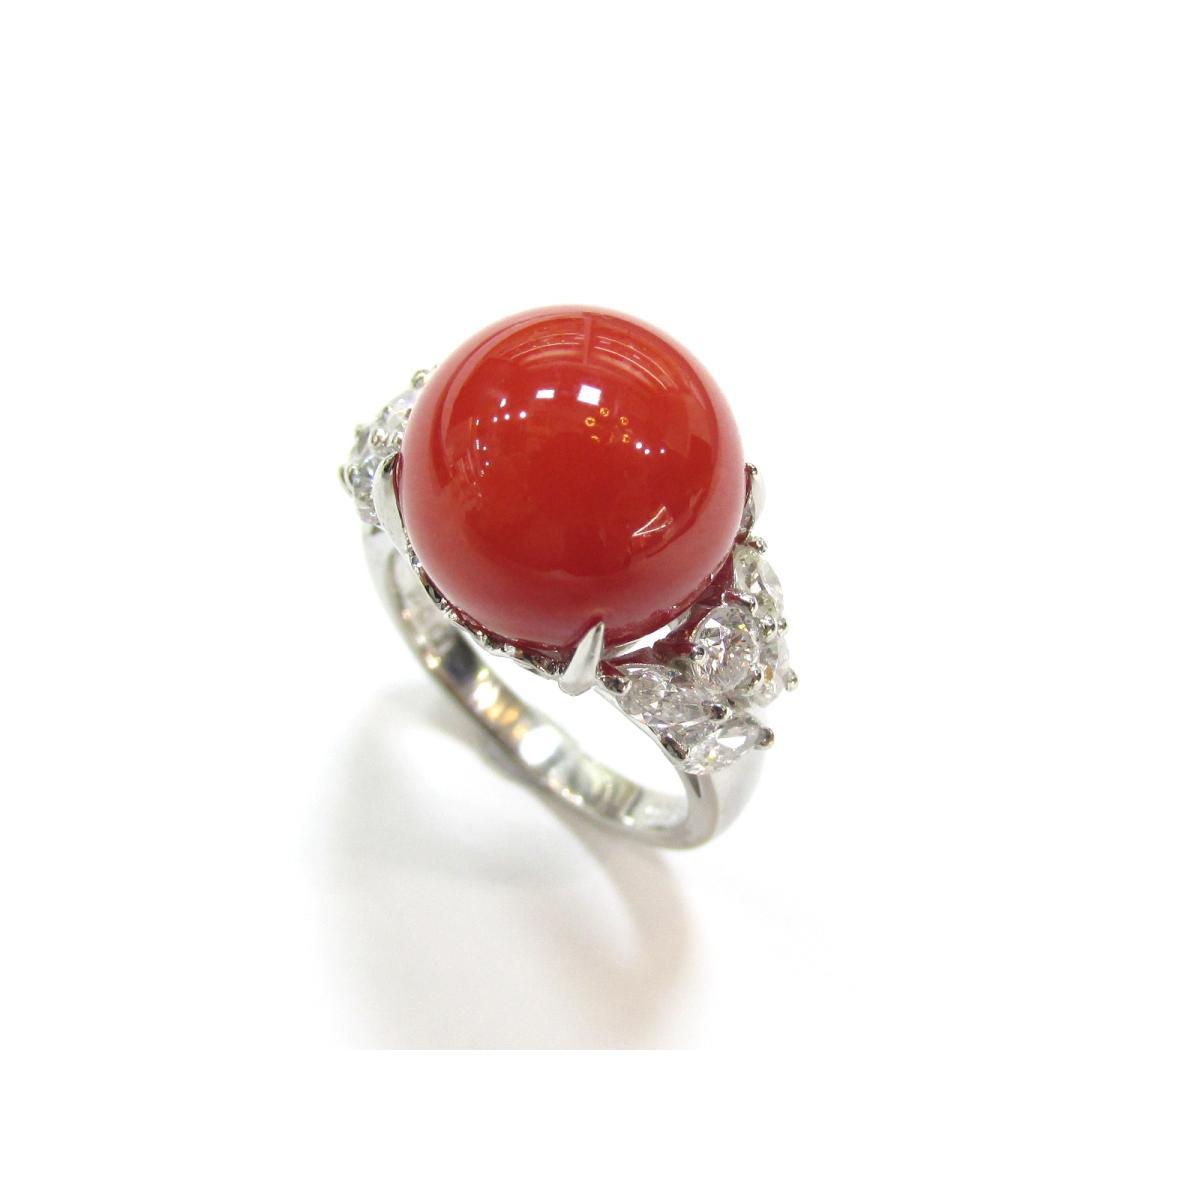 【中古】ジュエリー サンゴ ダイヤモンド リング 指輪 11号 貴金属 宝石 レディース PT900 プラチナ×サンゴ(11.8mm)×ダイヤモンド(1.00ct)